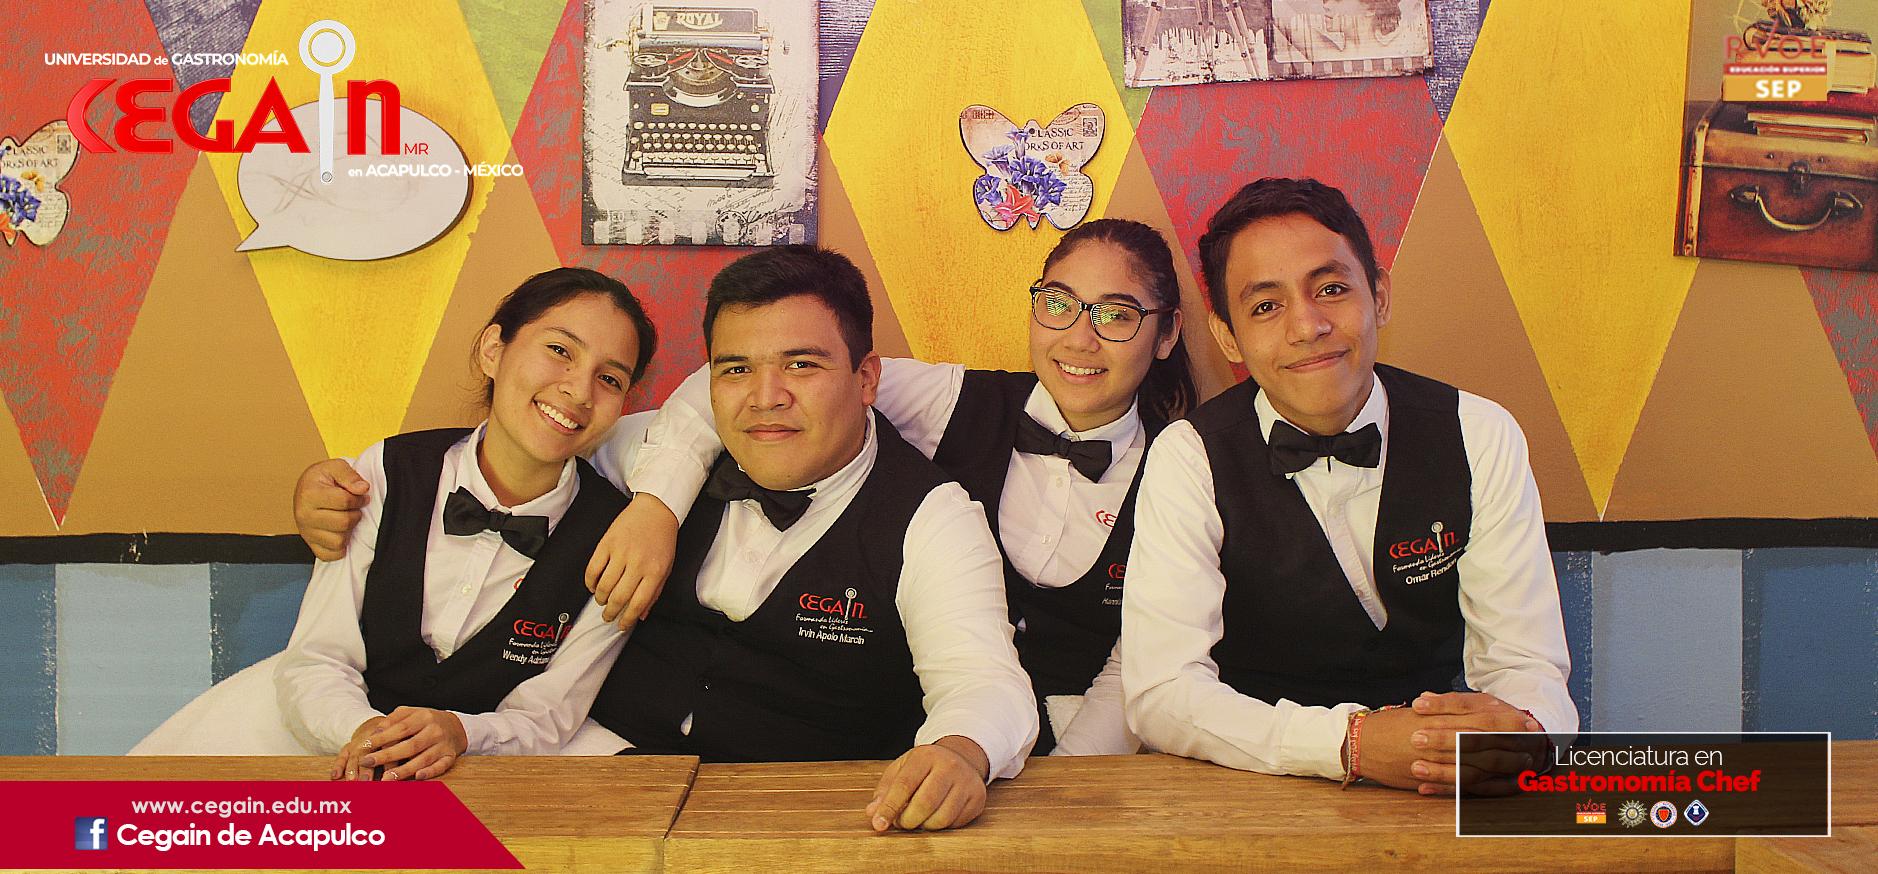 escuelas de gastronomia en acapulco